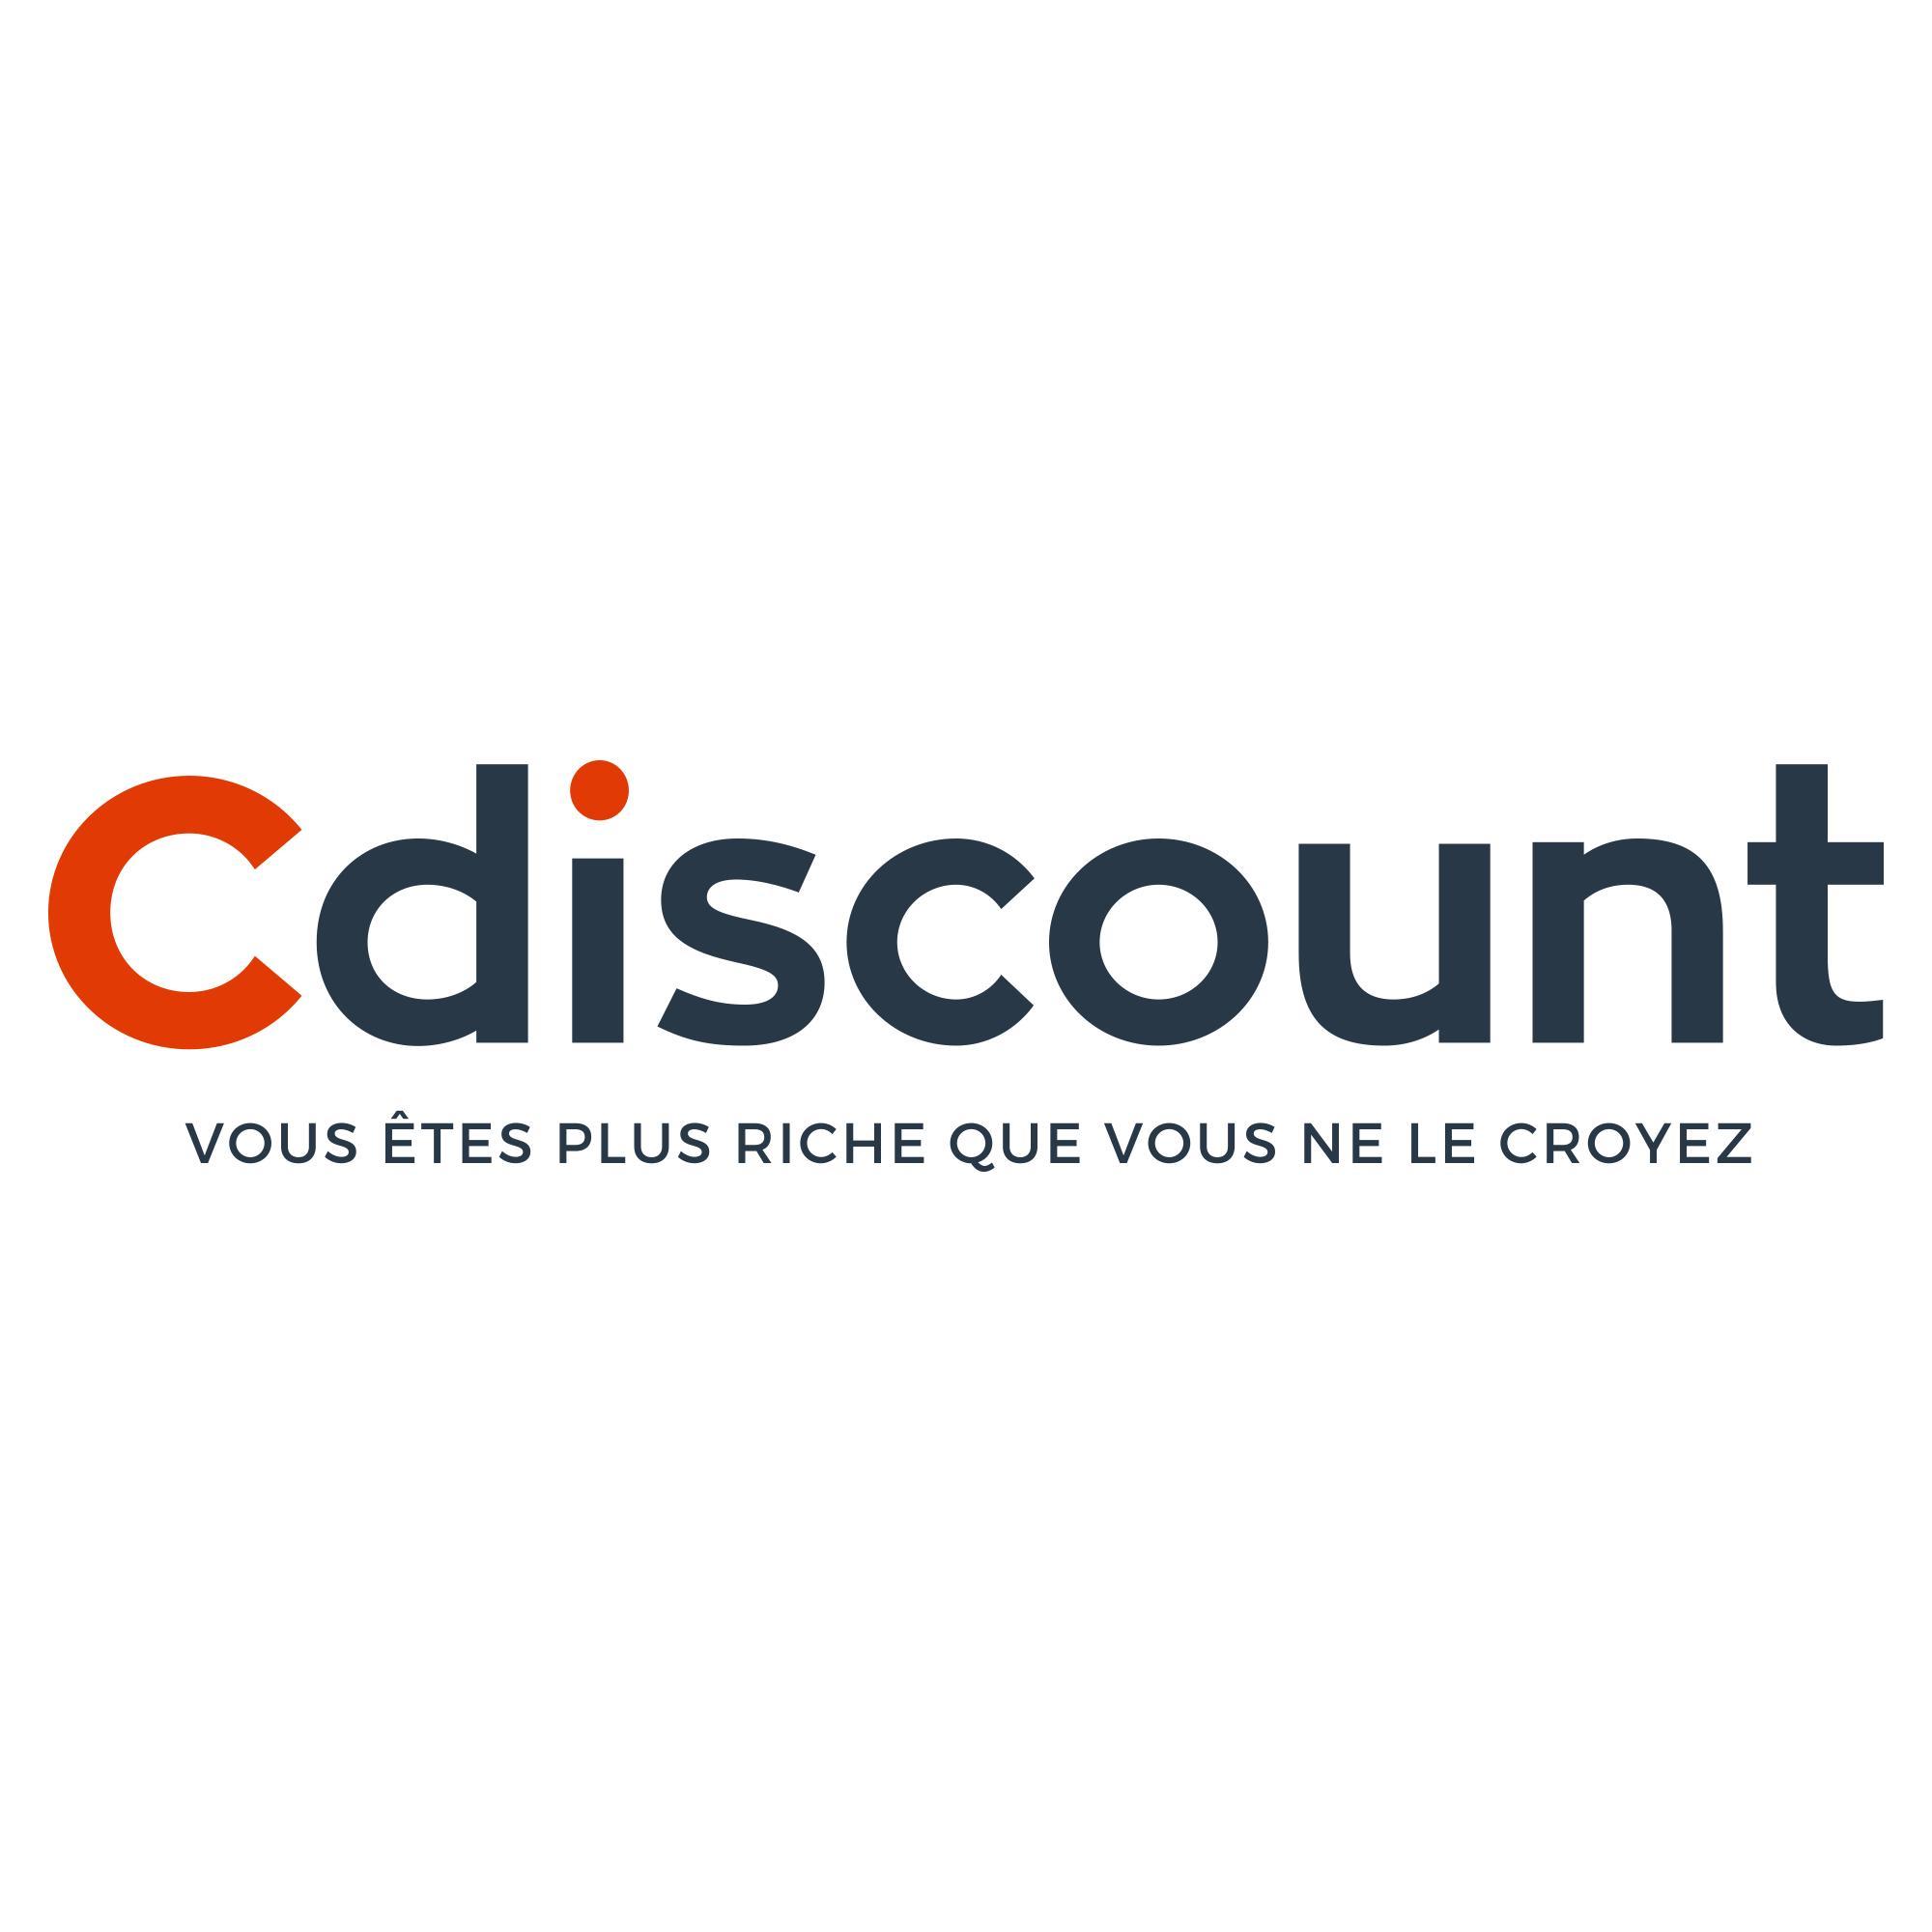 15€ de réduction dès 149€ d'achat et 30€ dès 299€ sur tout le site (via site mobile et application)